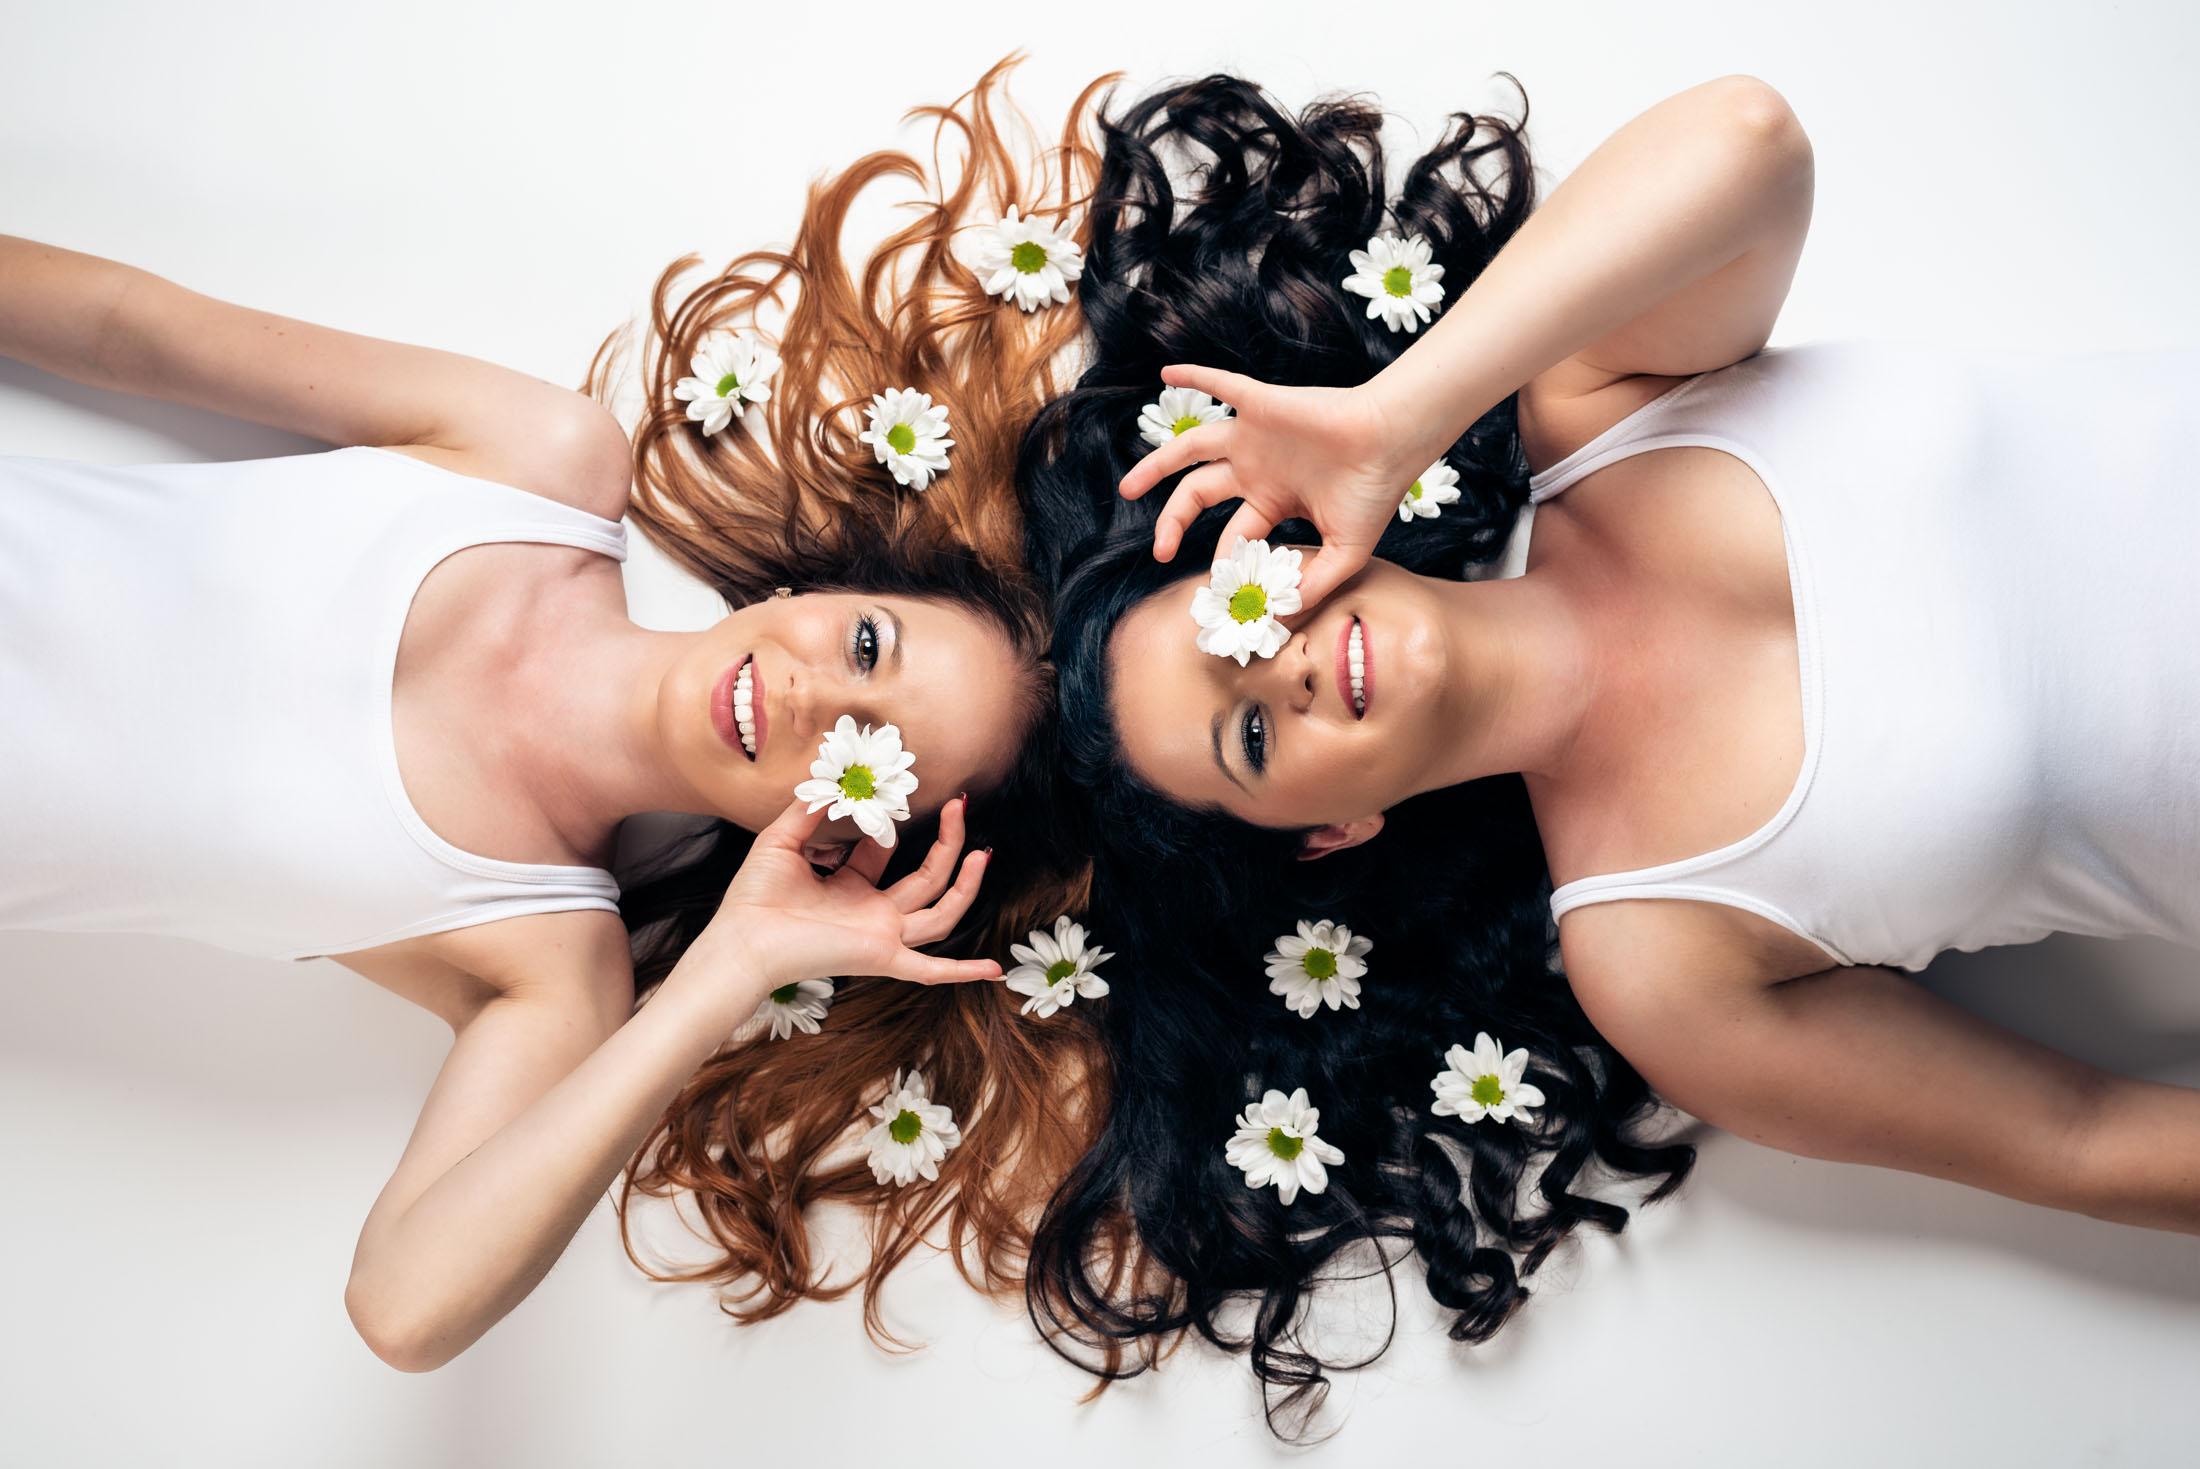 Beautyportrait Friseur Fotos Kärnten Wolfsberg Fotoshooting Hairzlich Beauty - Rene Knabl Fotografie